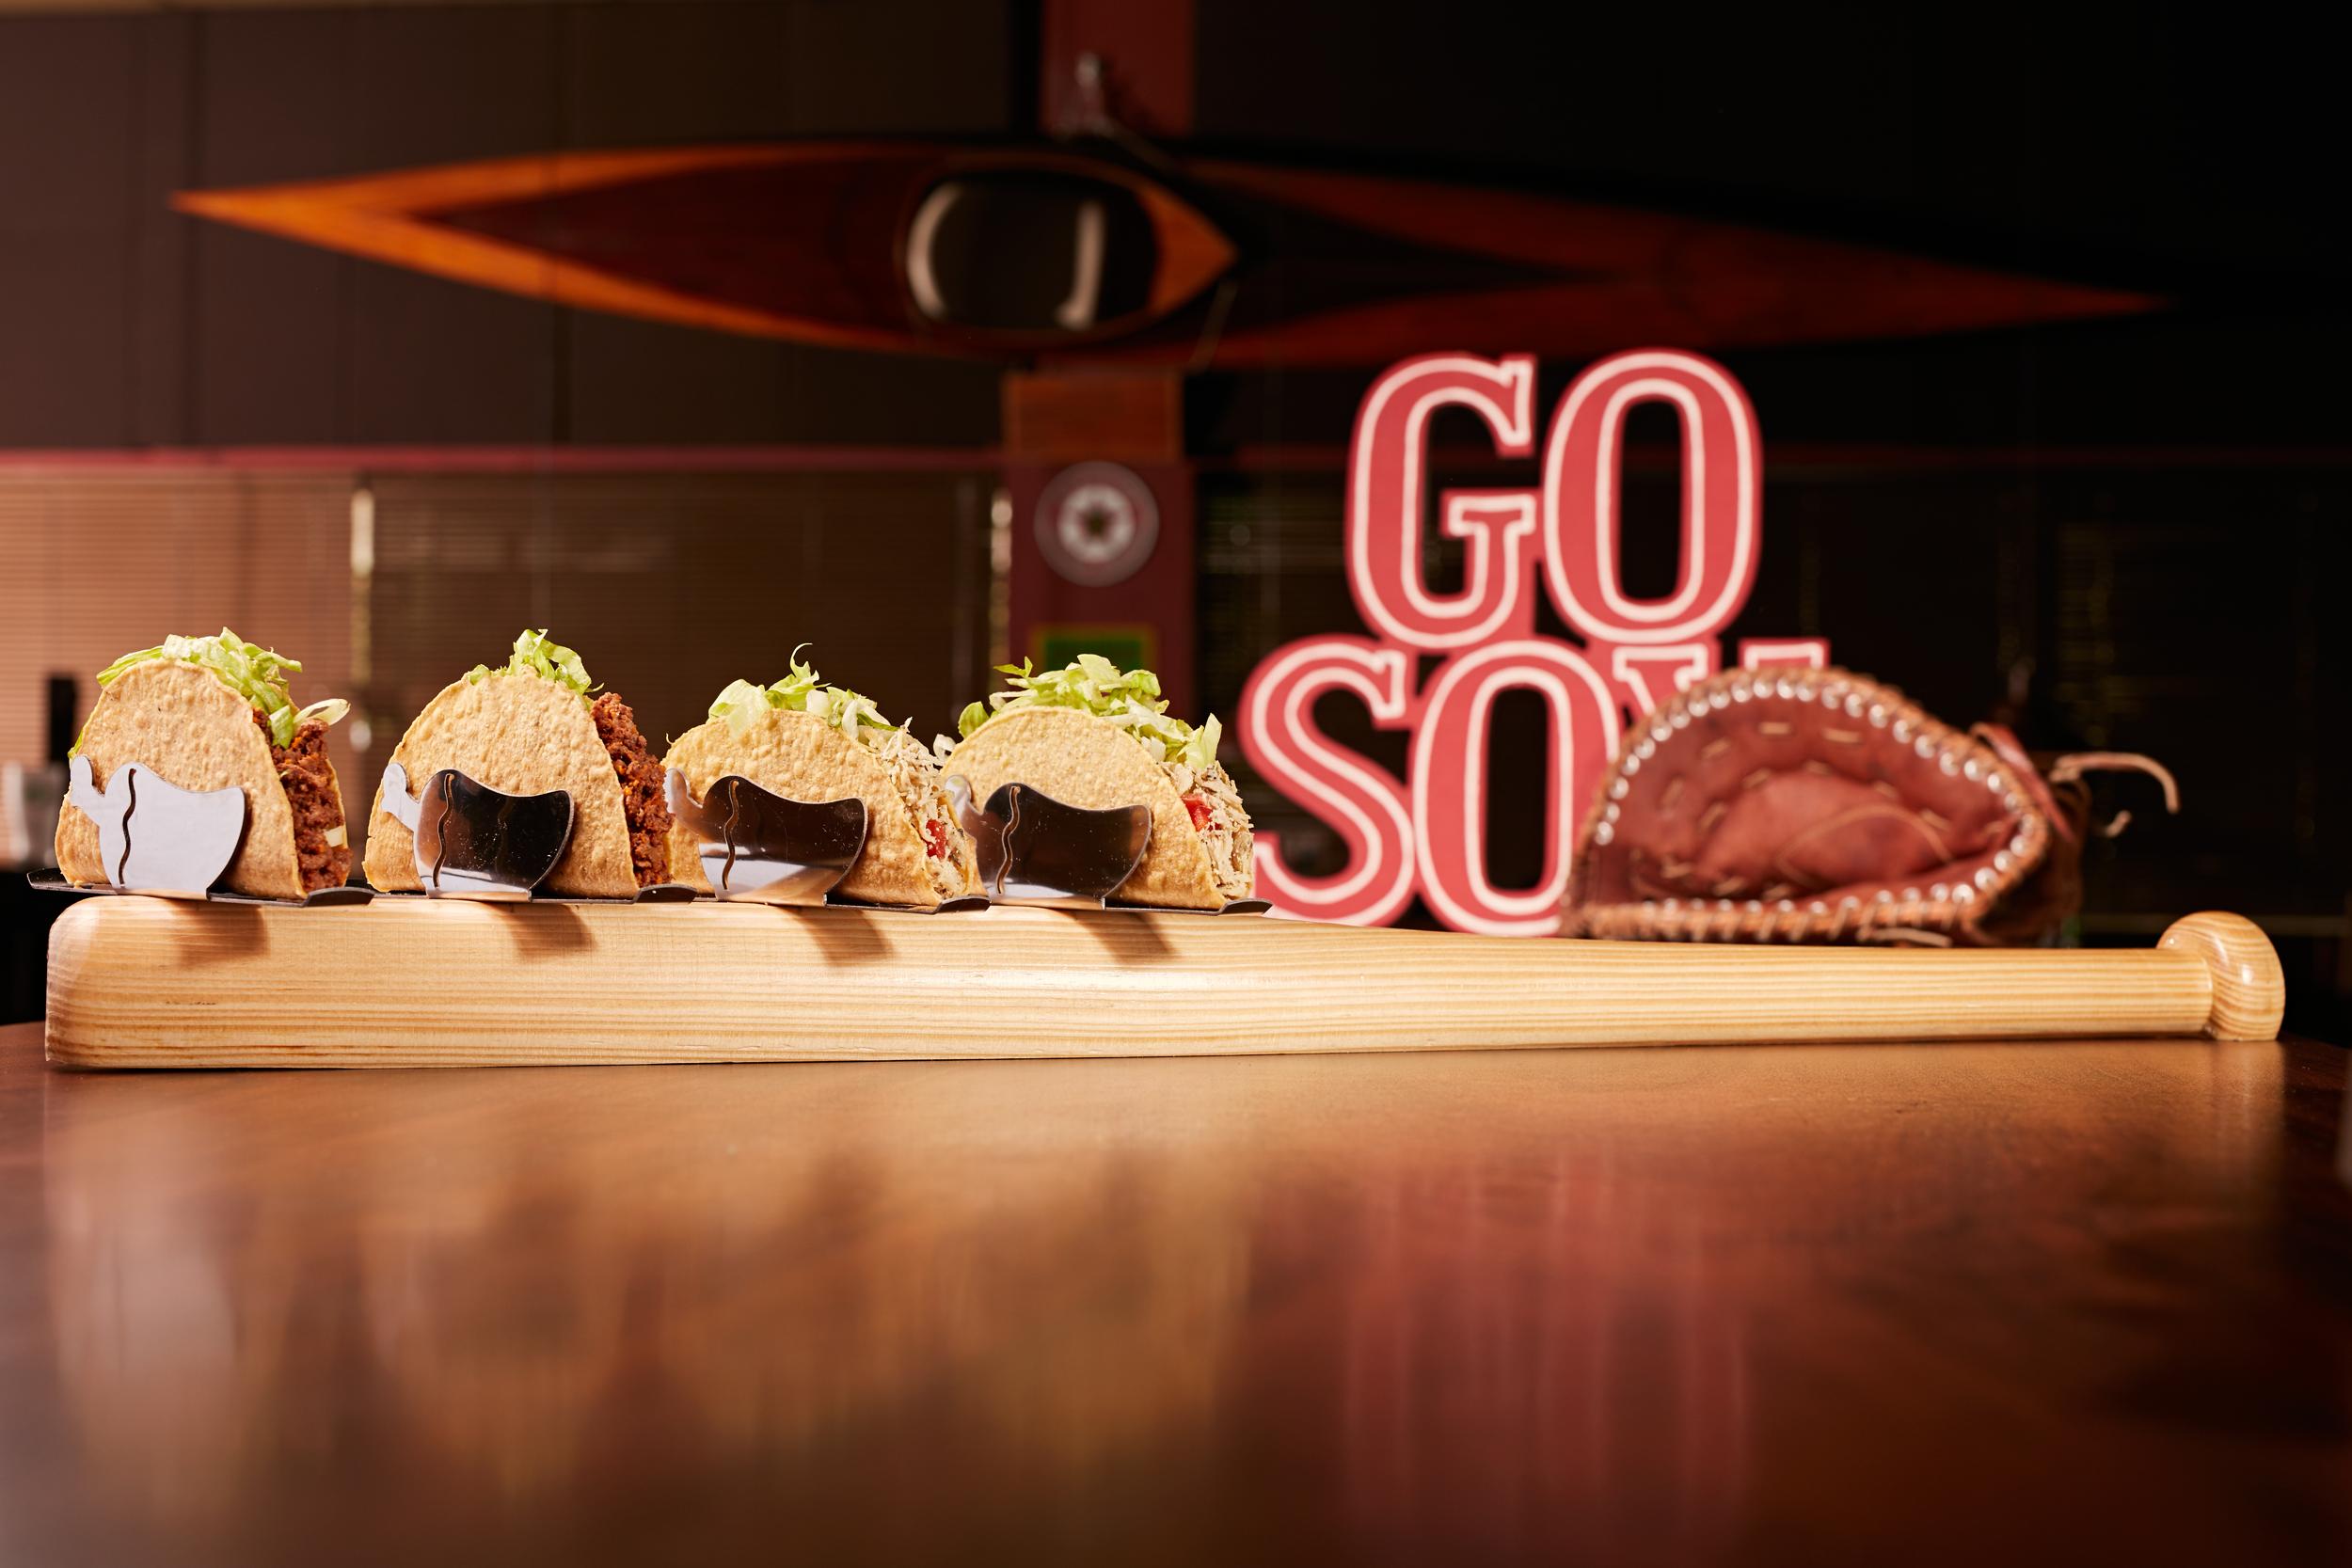 Tacos no taco e hackepeter na mesa: formas inusitadas de servir são apostas de restaurantes em Blumenau (SC)